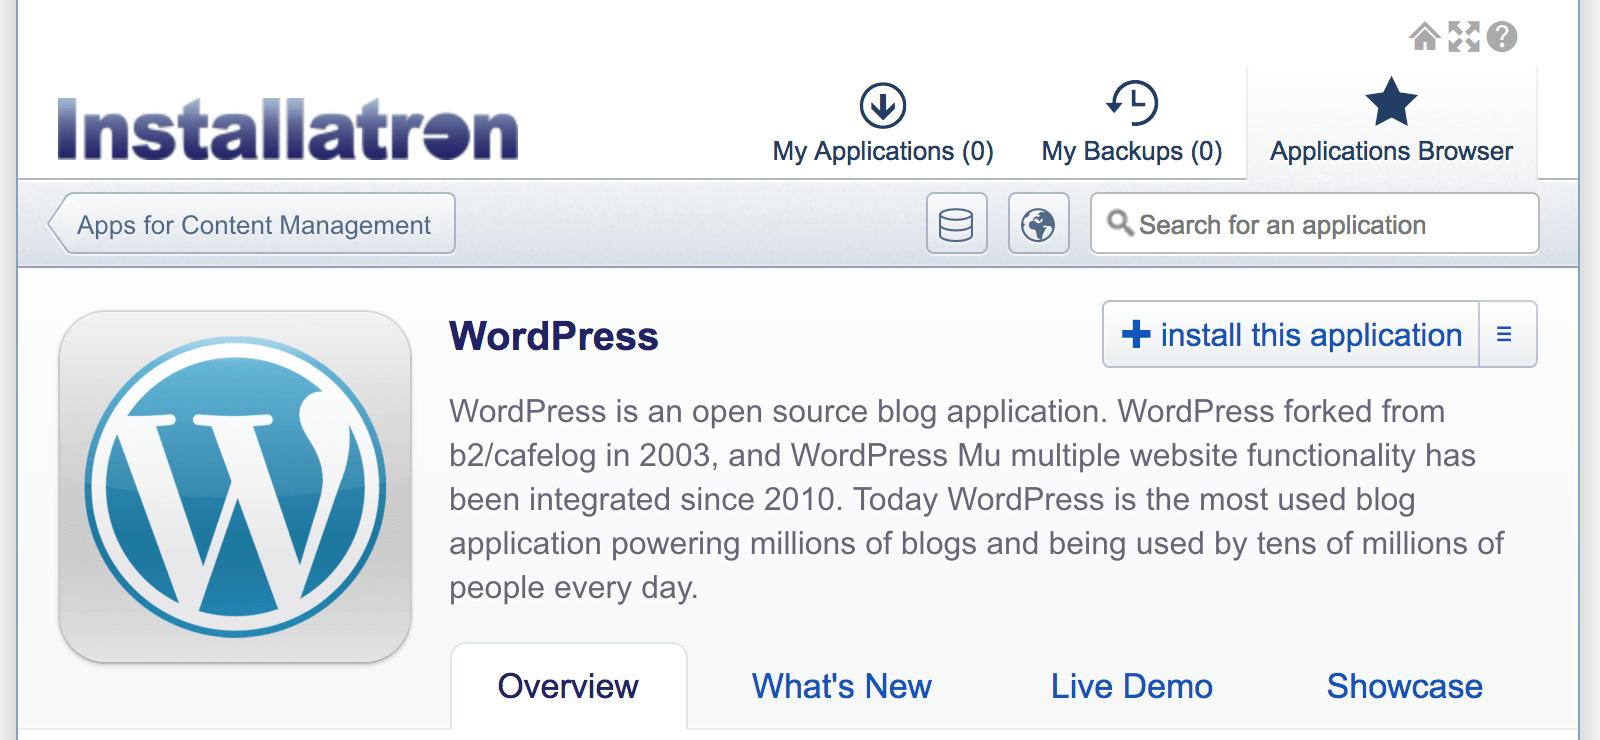 WordPress omzetten naar een statische website: WordPress via Installatron installeren.